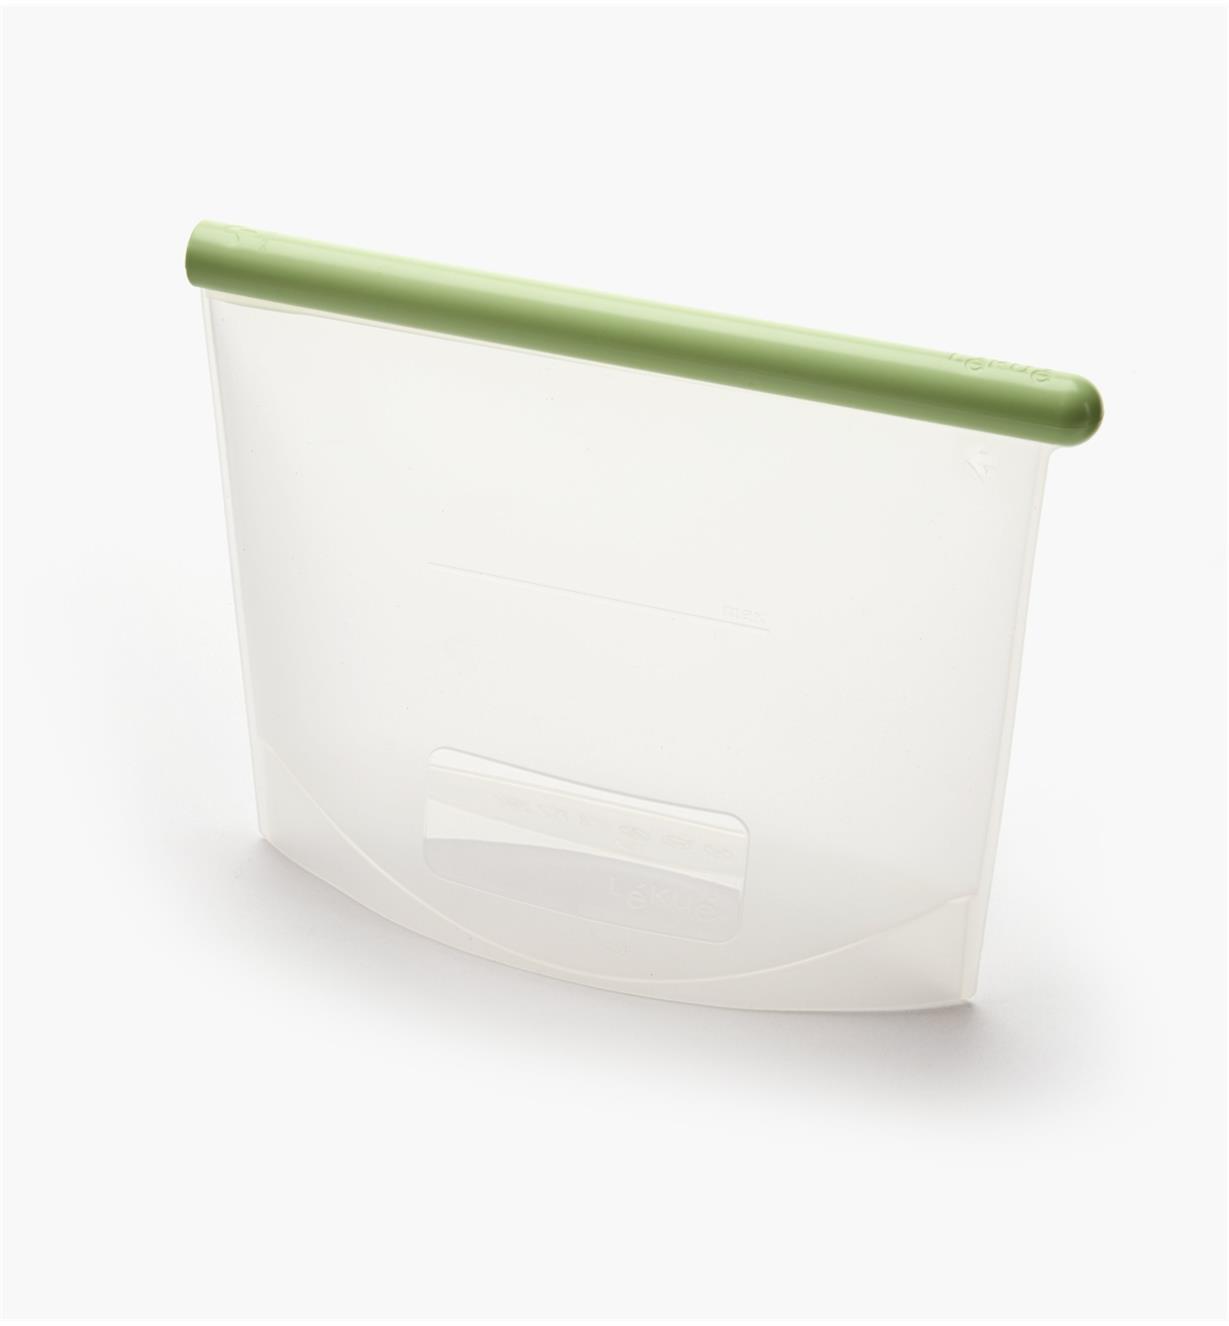 EV810 - Sac réutilisable en silicone, 1000 ml